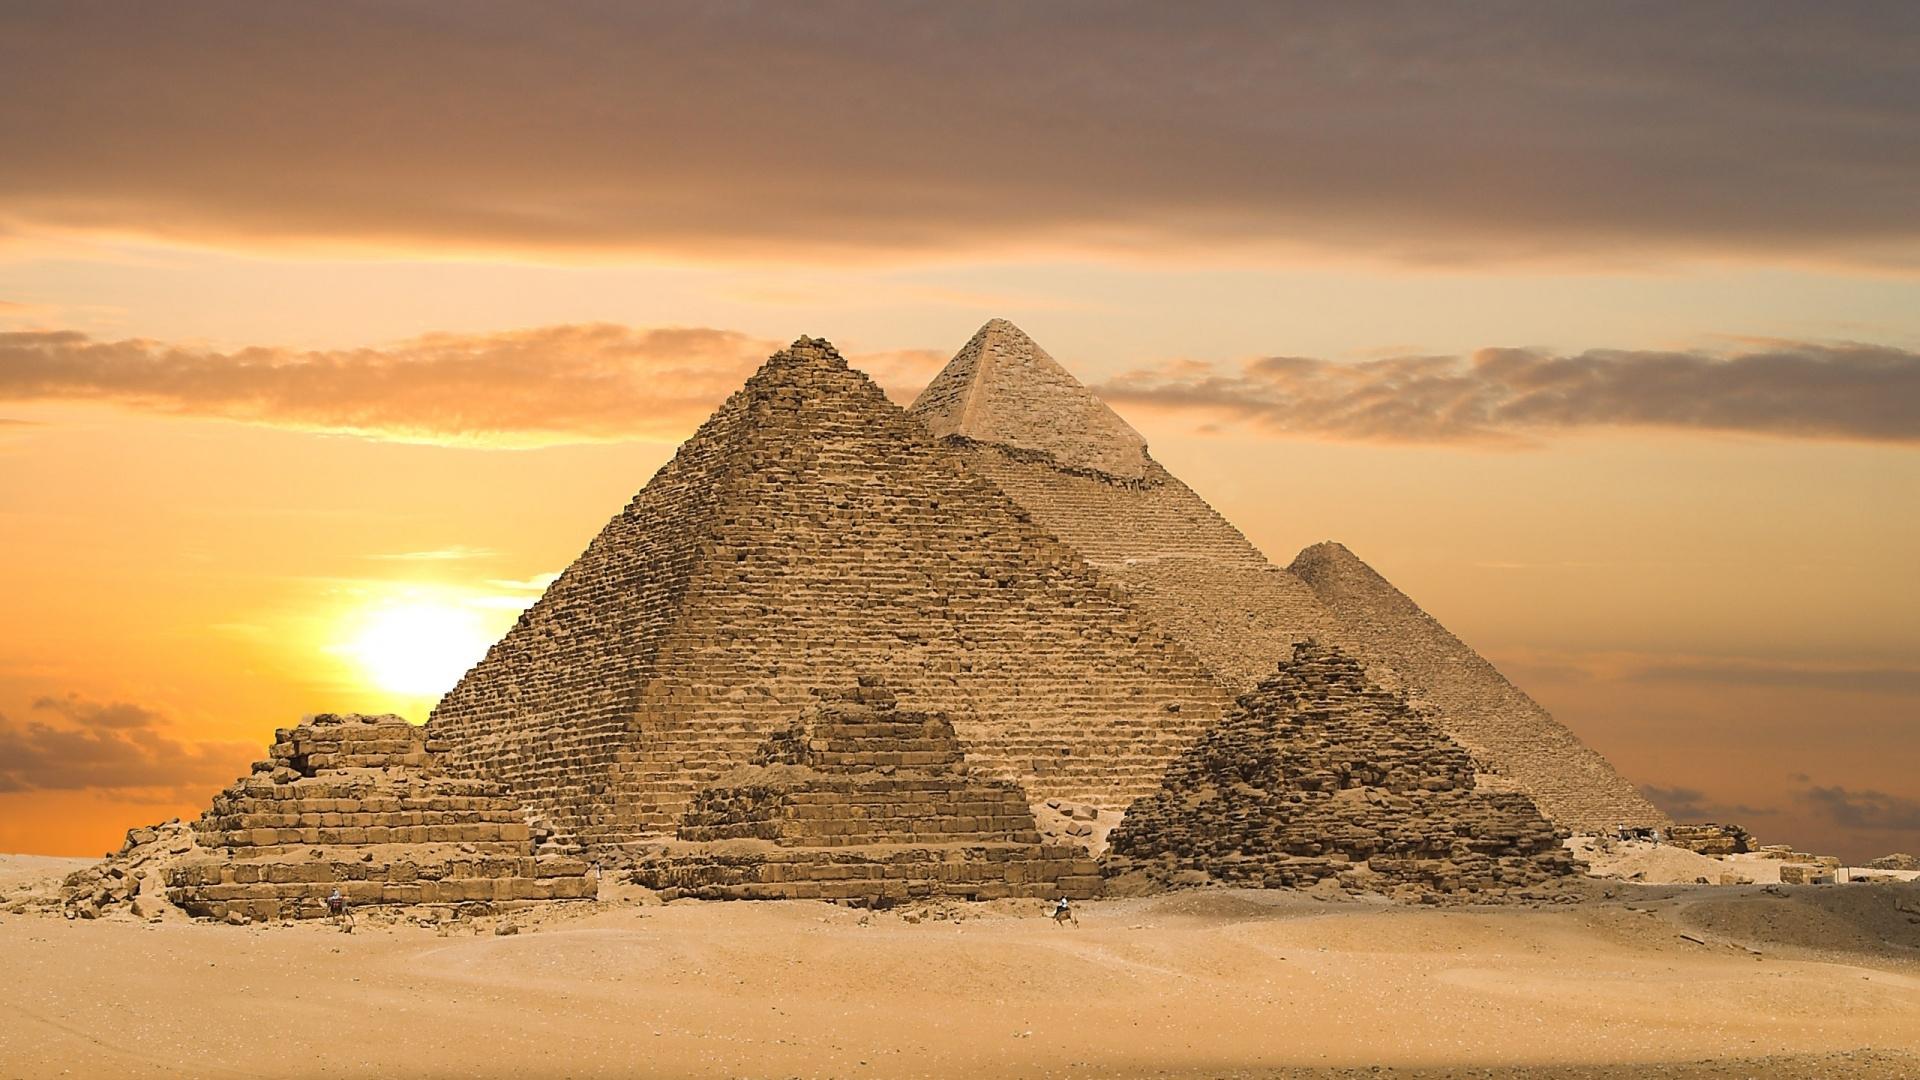 Скачать картинку Египет, Пейзаж, Пирамиды в телефон бесплатно.